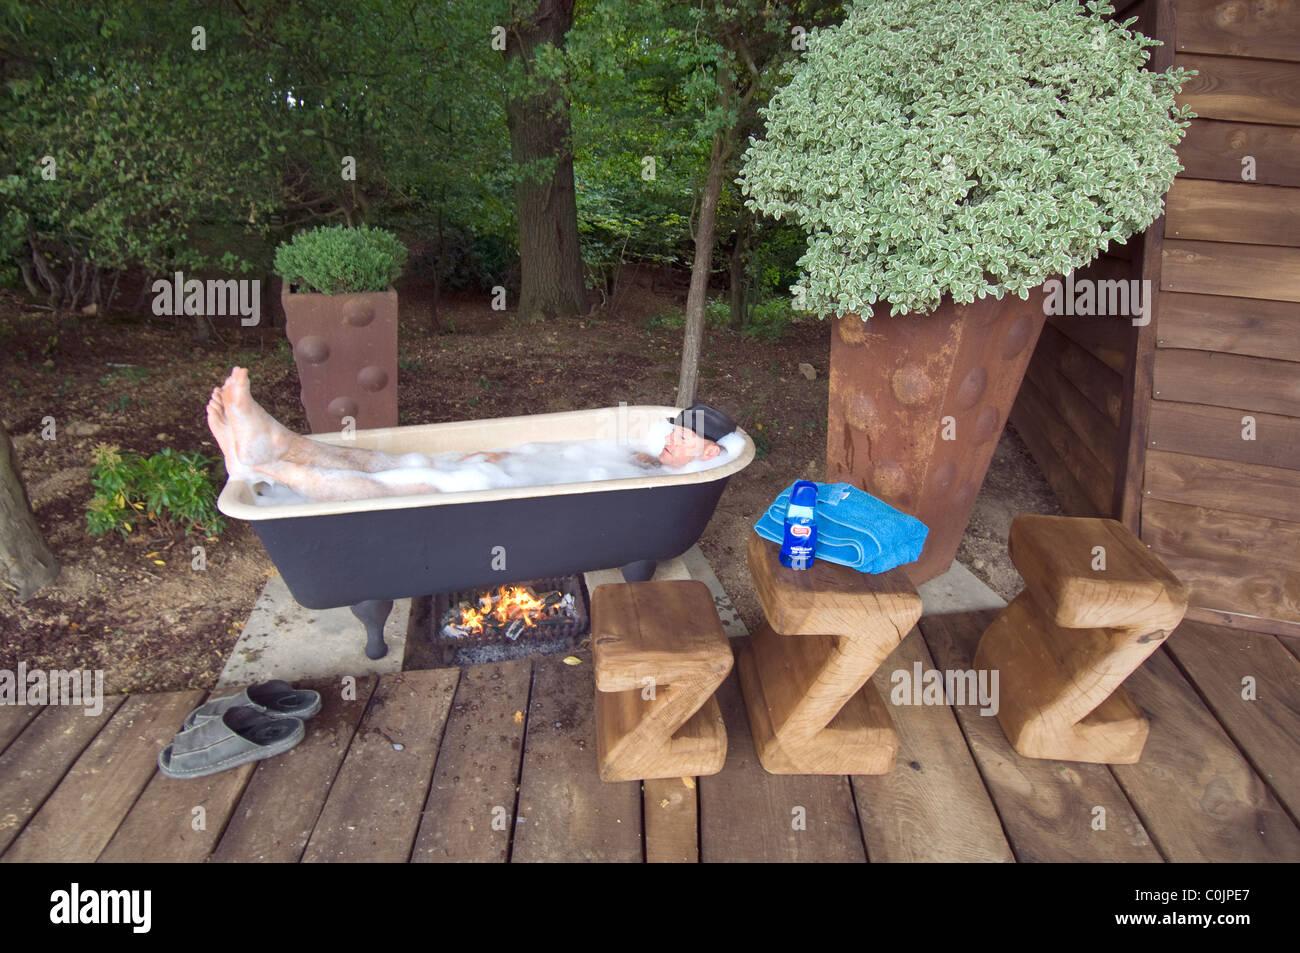 Vasca Da Bagno Esterna : Luomo rilassante nel suo alimentate a carbone con vasca da bagno